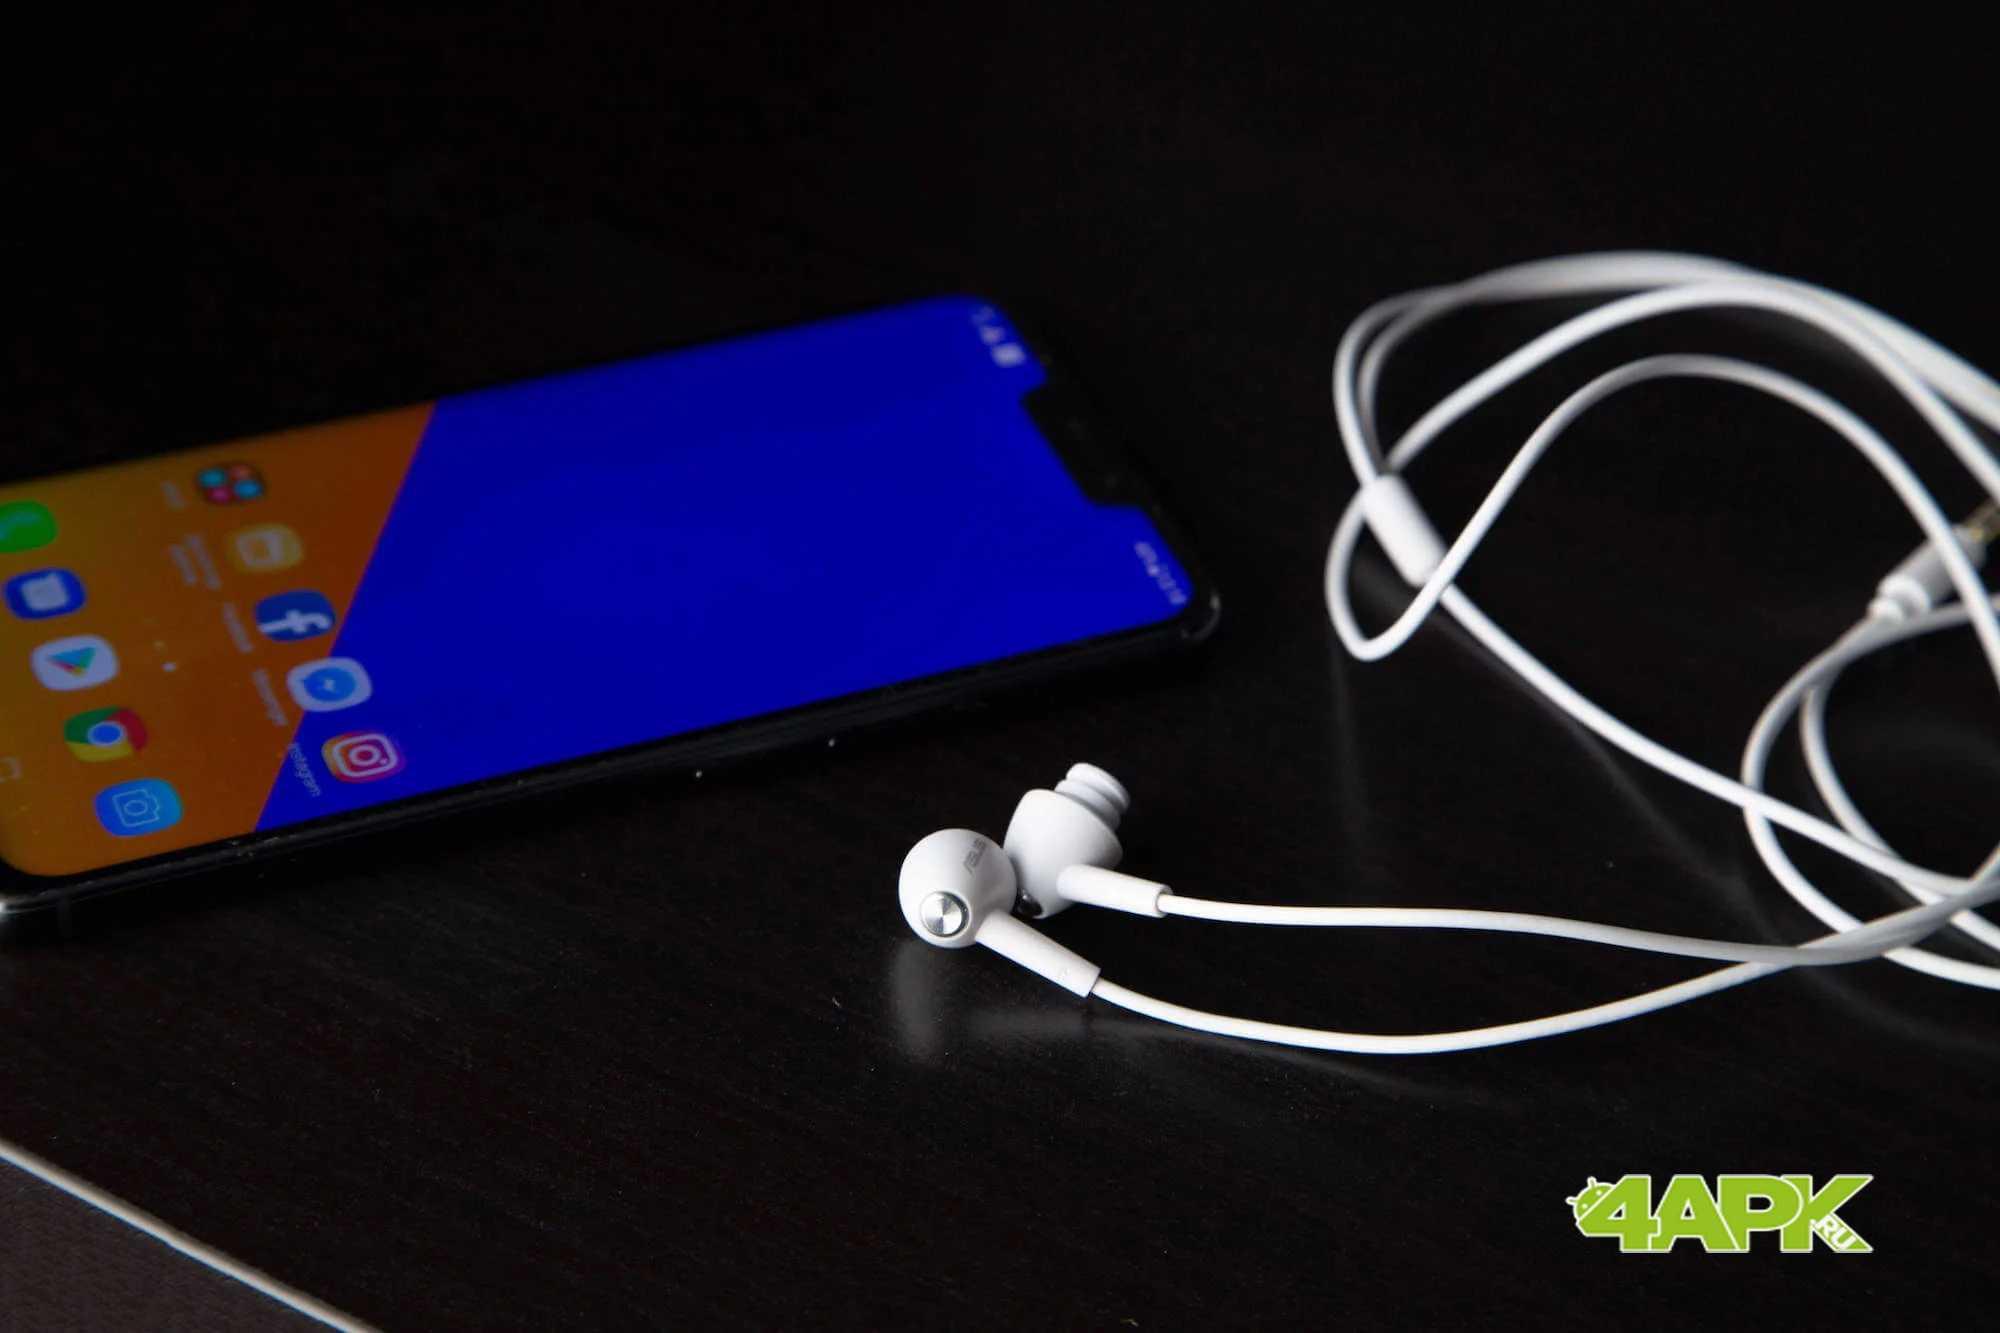 Asus zenfone 5: кто сказал, что хороший смартфон должен быть дорогим?